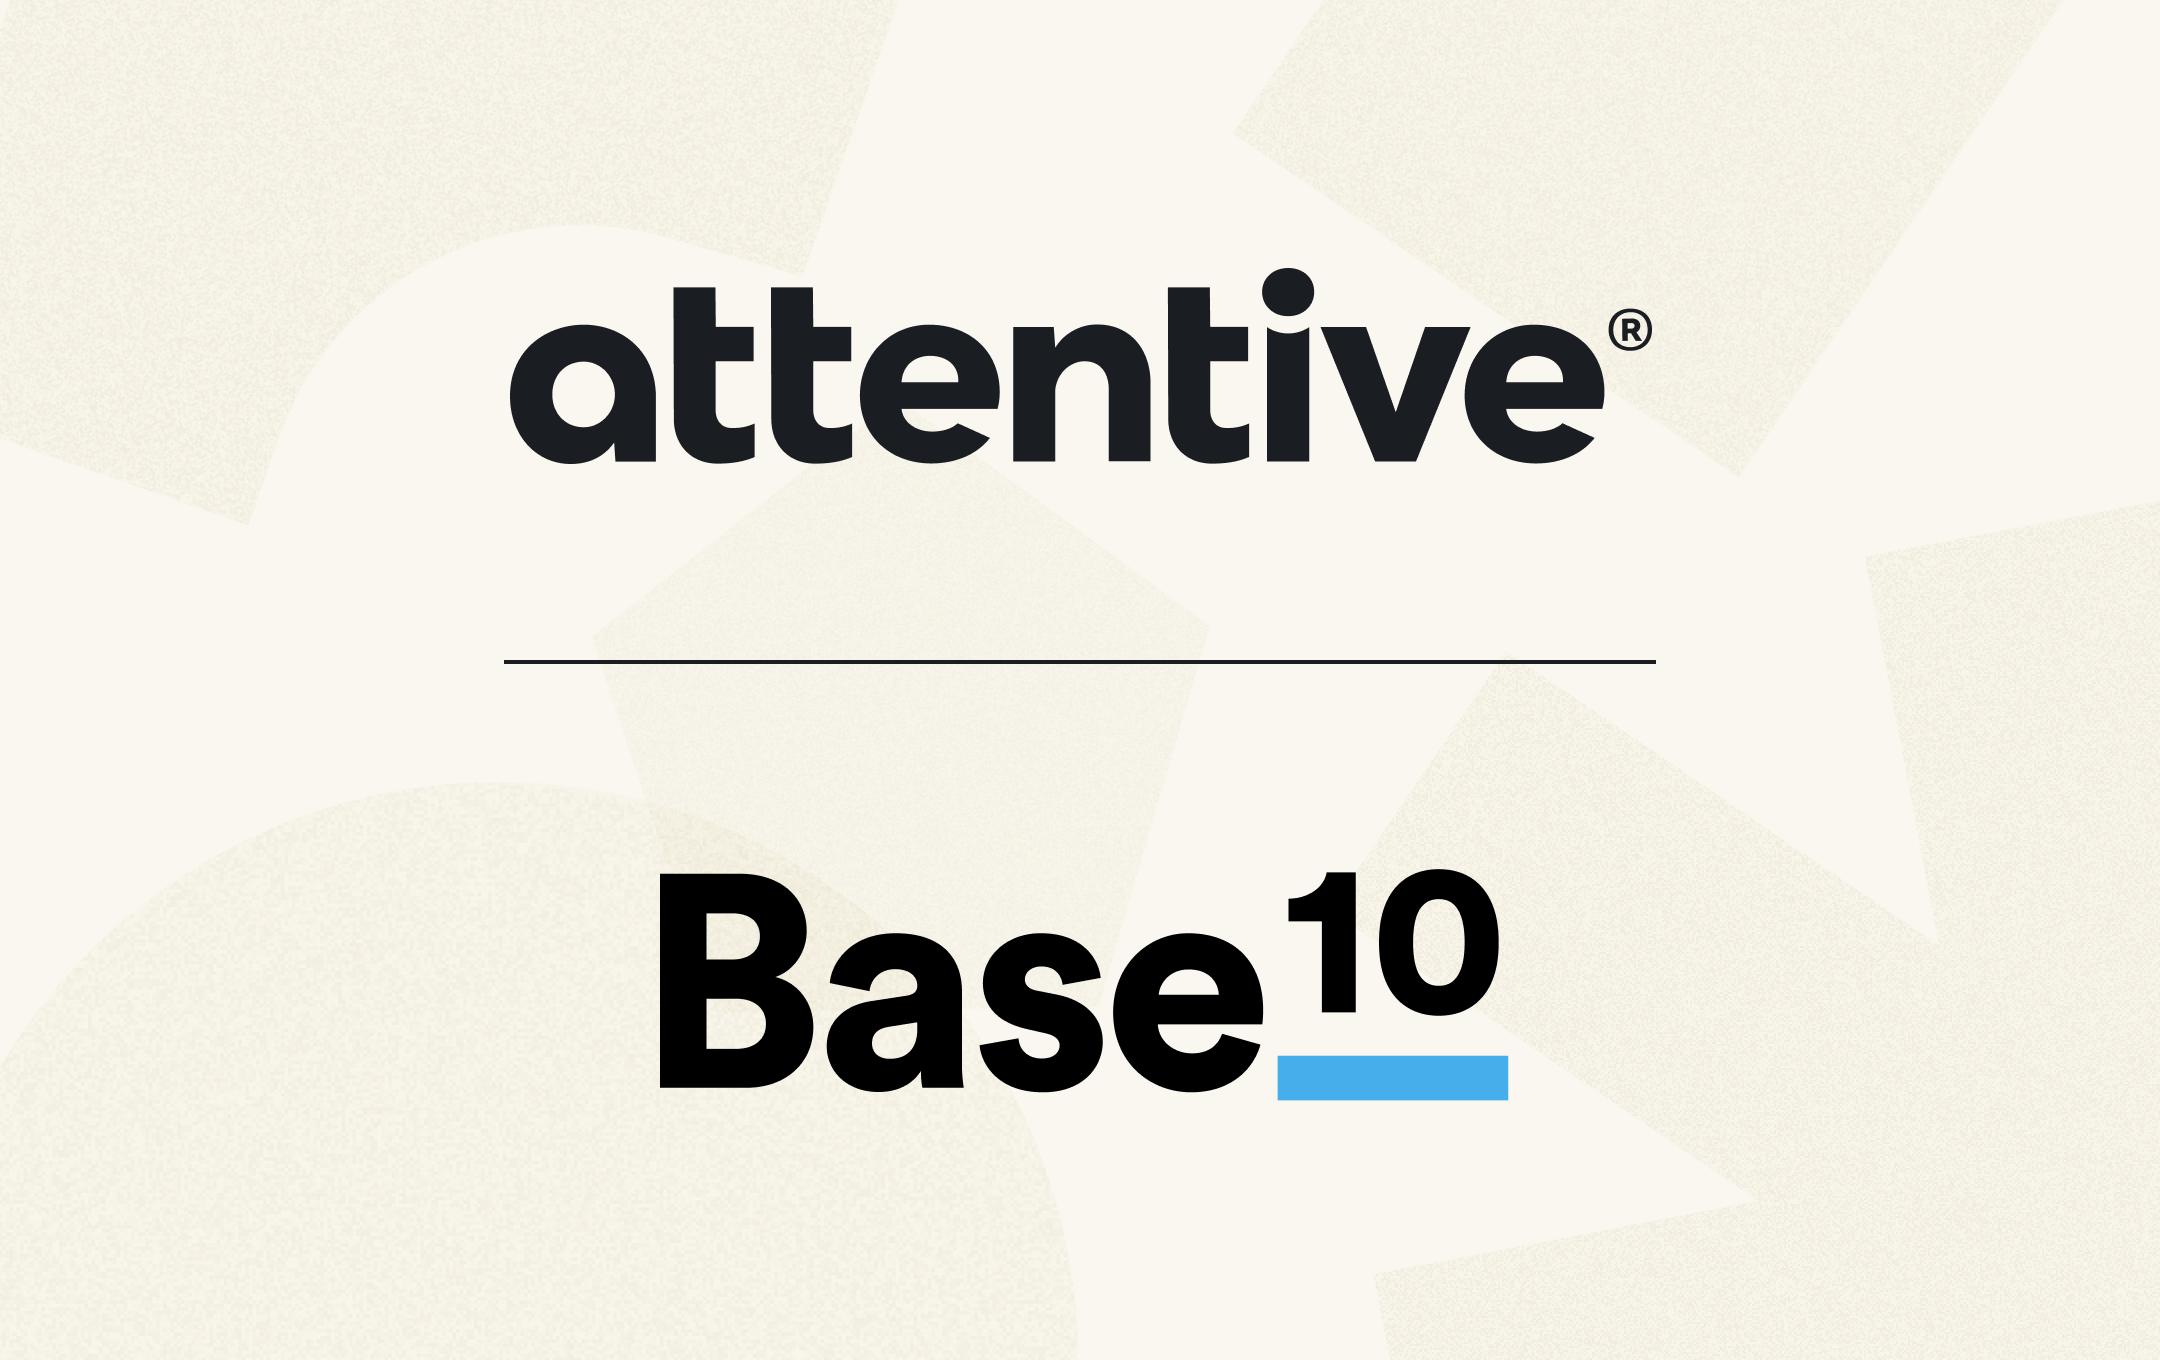 Base10 initiative